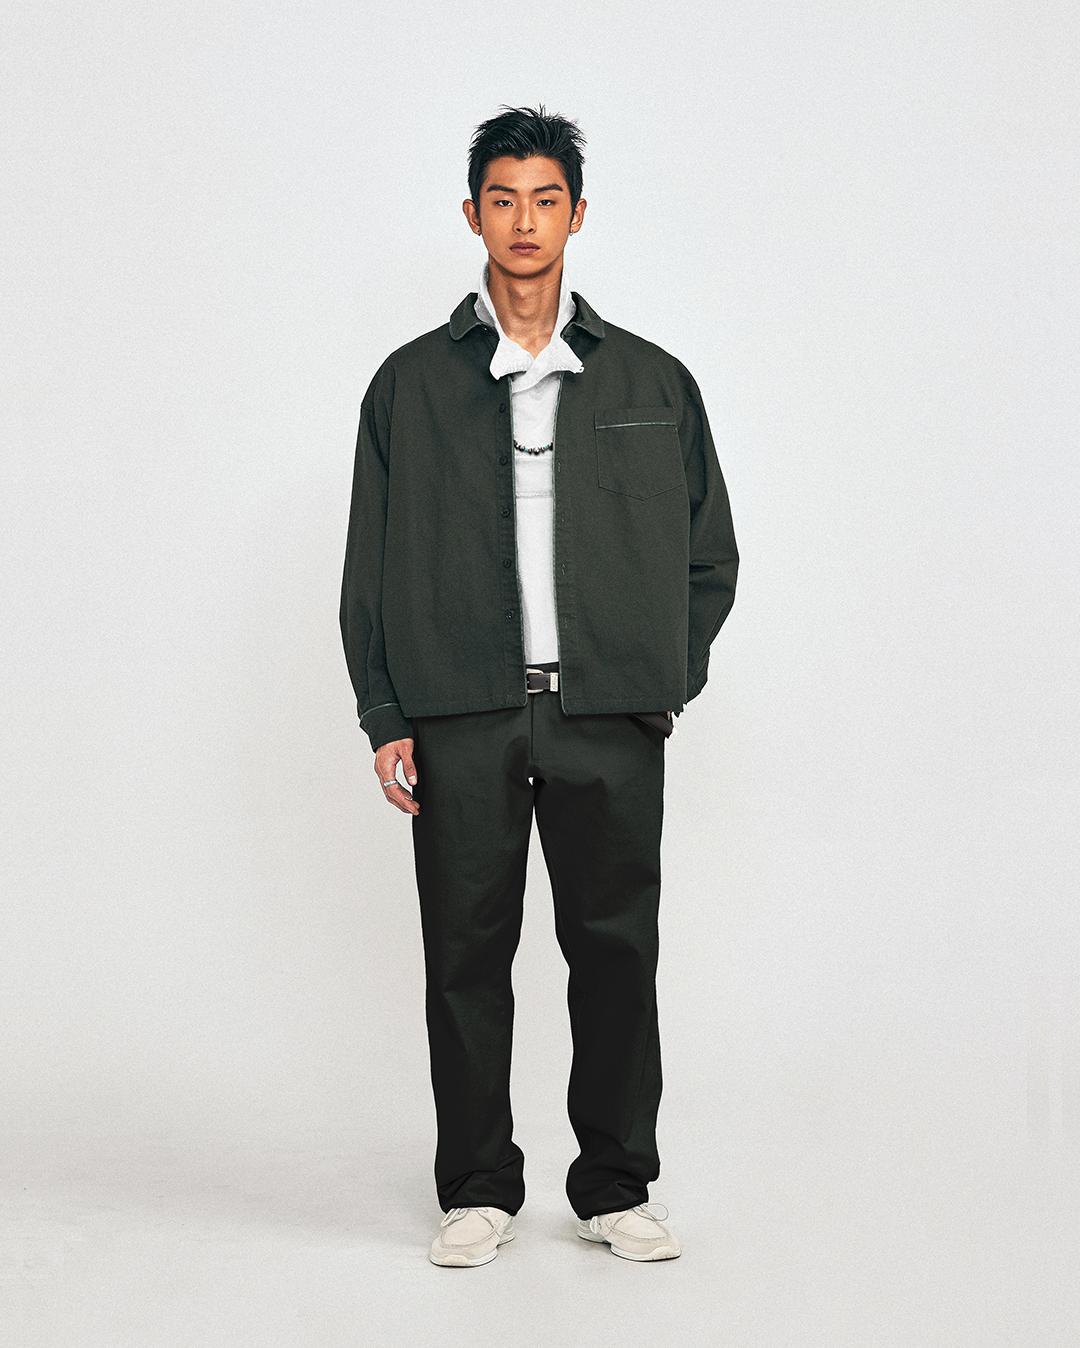 레이시소 whiptale shirt jacket